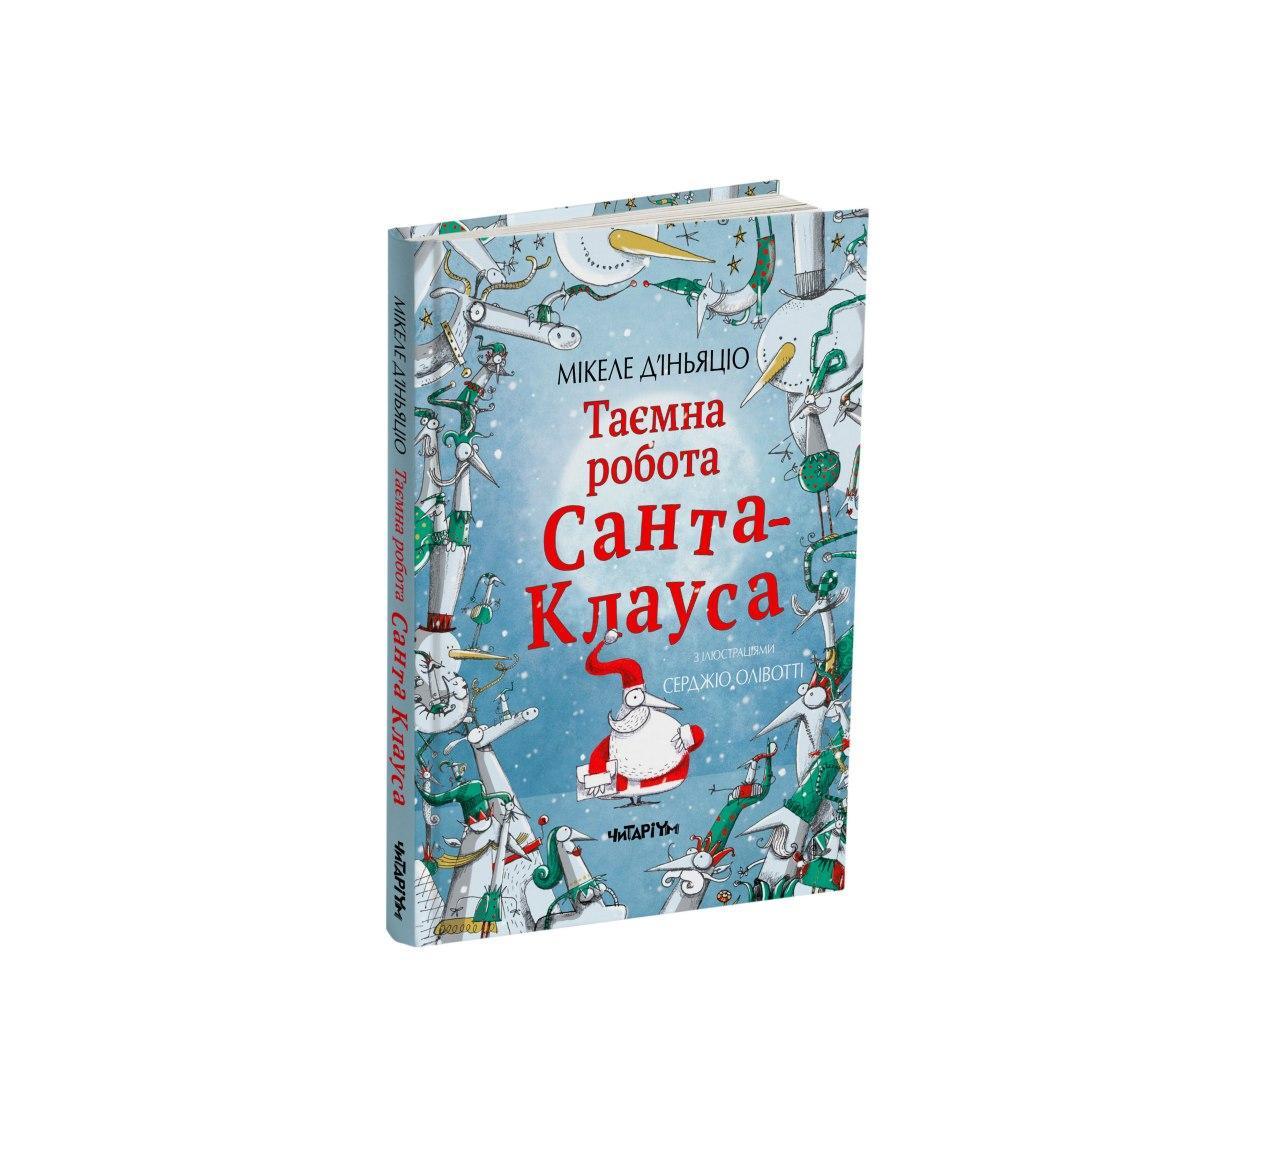 Новинка «Таємна робота Санта-Клауса» уже готується до виходу